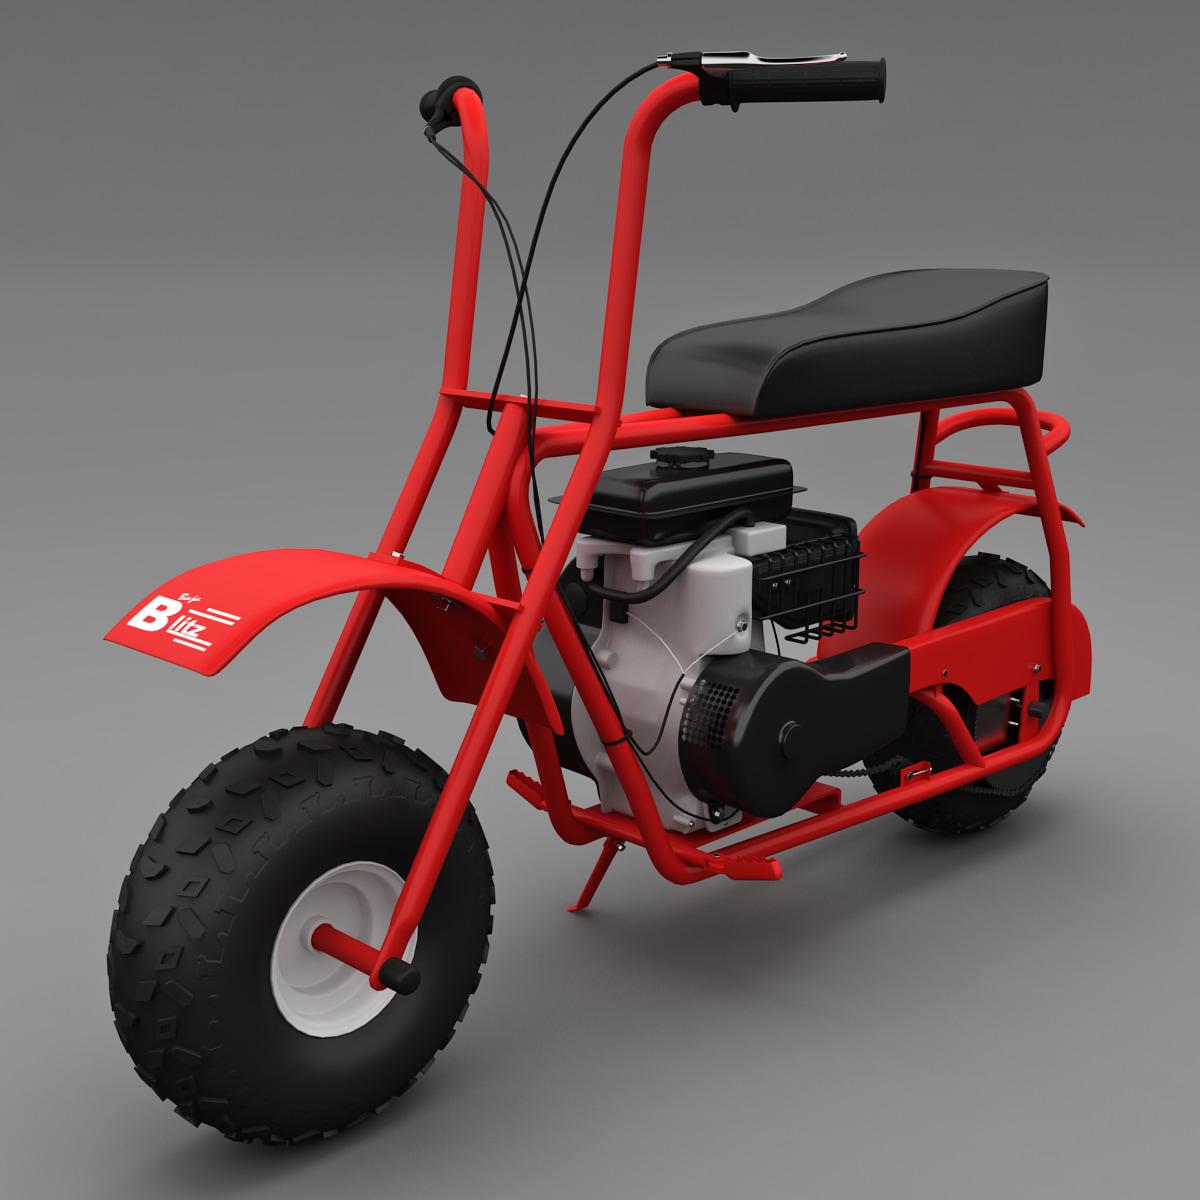 Baja_Doodle_Bug_Mini_Bike_97cc_01.jpg